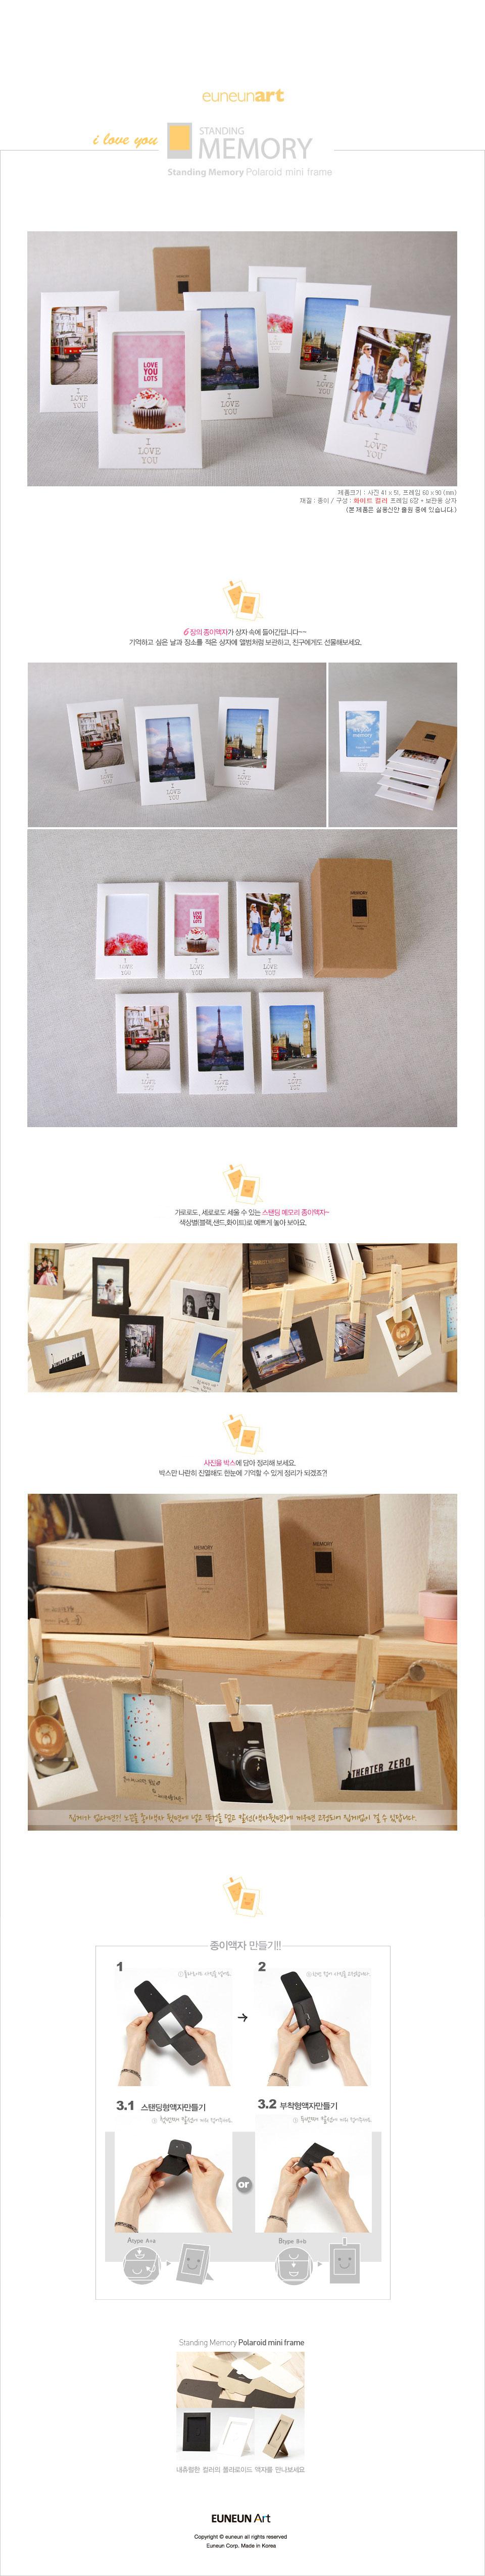 미니폴라로이드 프레임 - I love you - 은은아트, 7,800원, 테마앨범/테마북, 포토박스/프레임